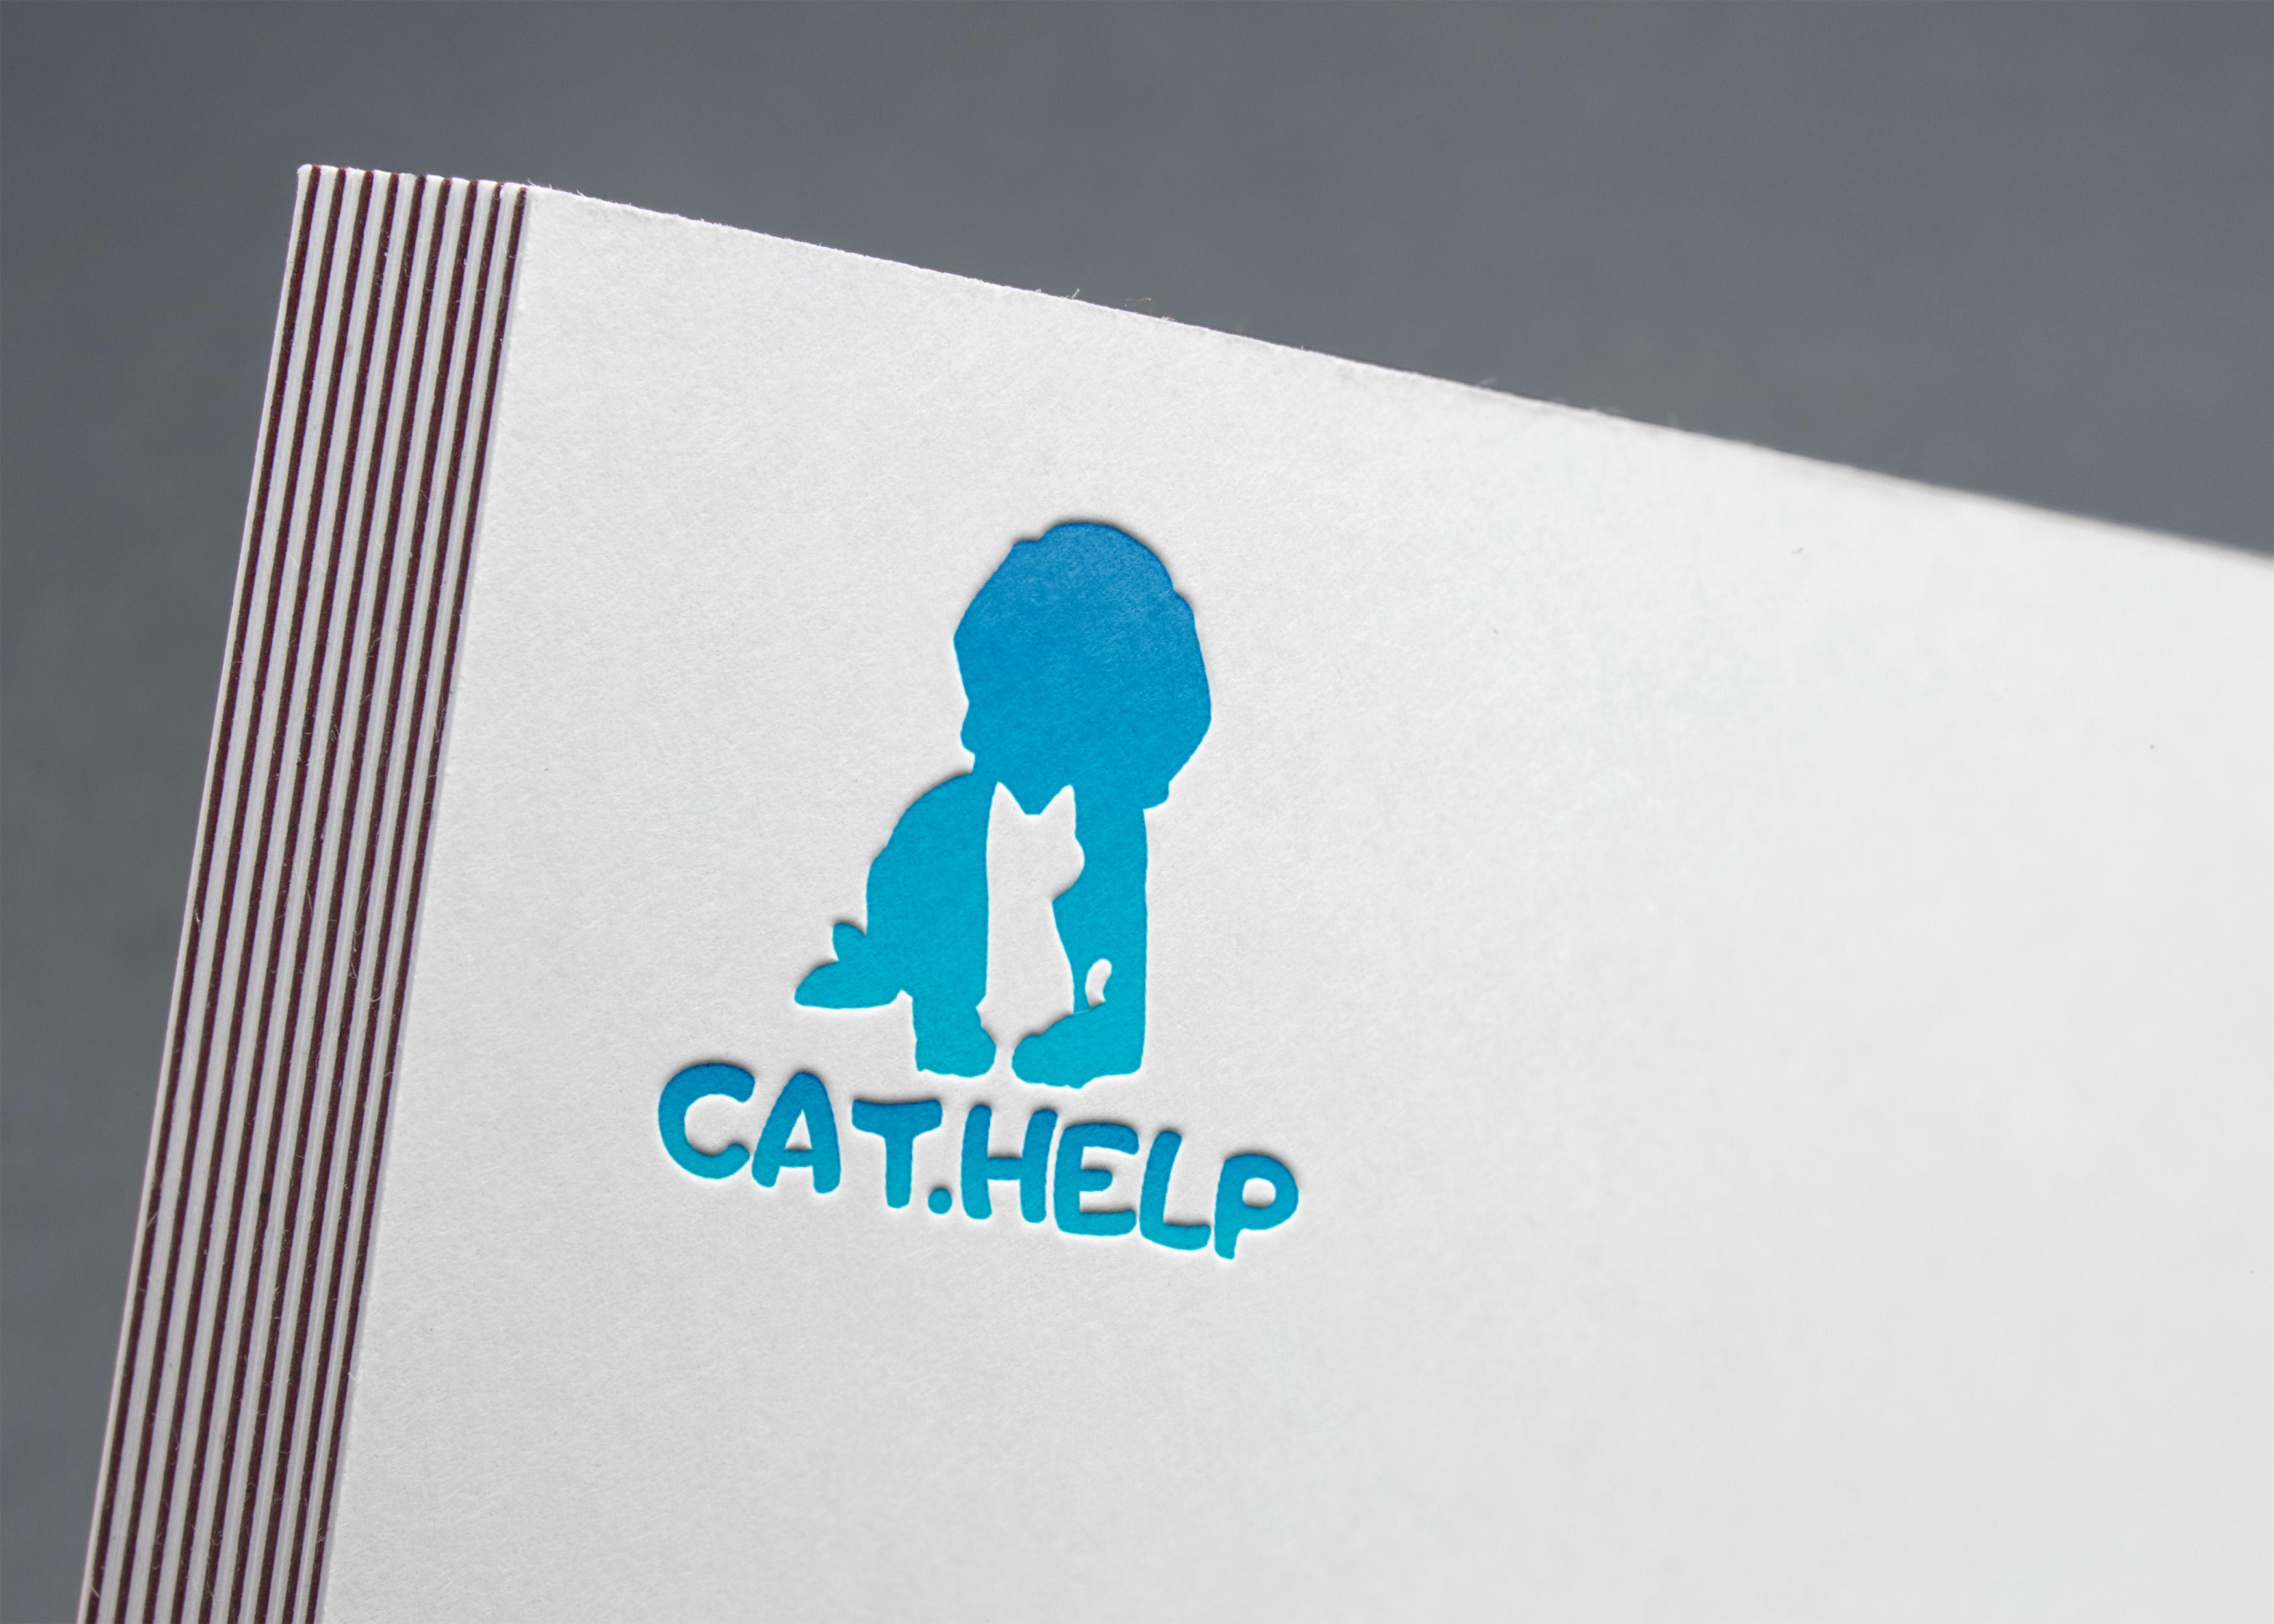 логотип для сайта и группы вк - cat.help фото f_44059da27267ebfd.jpg